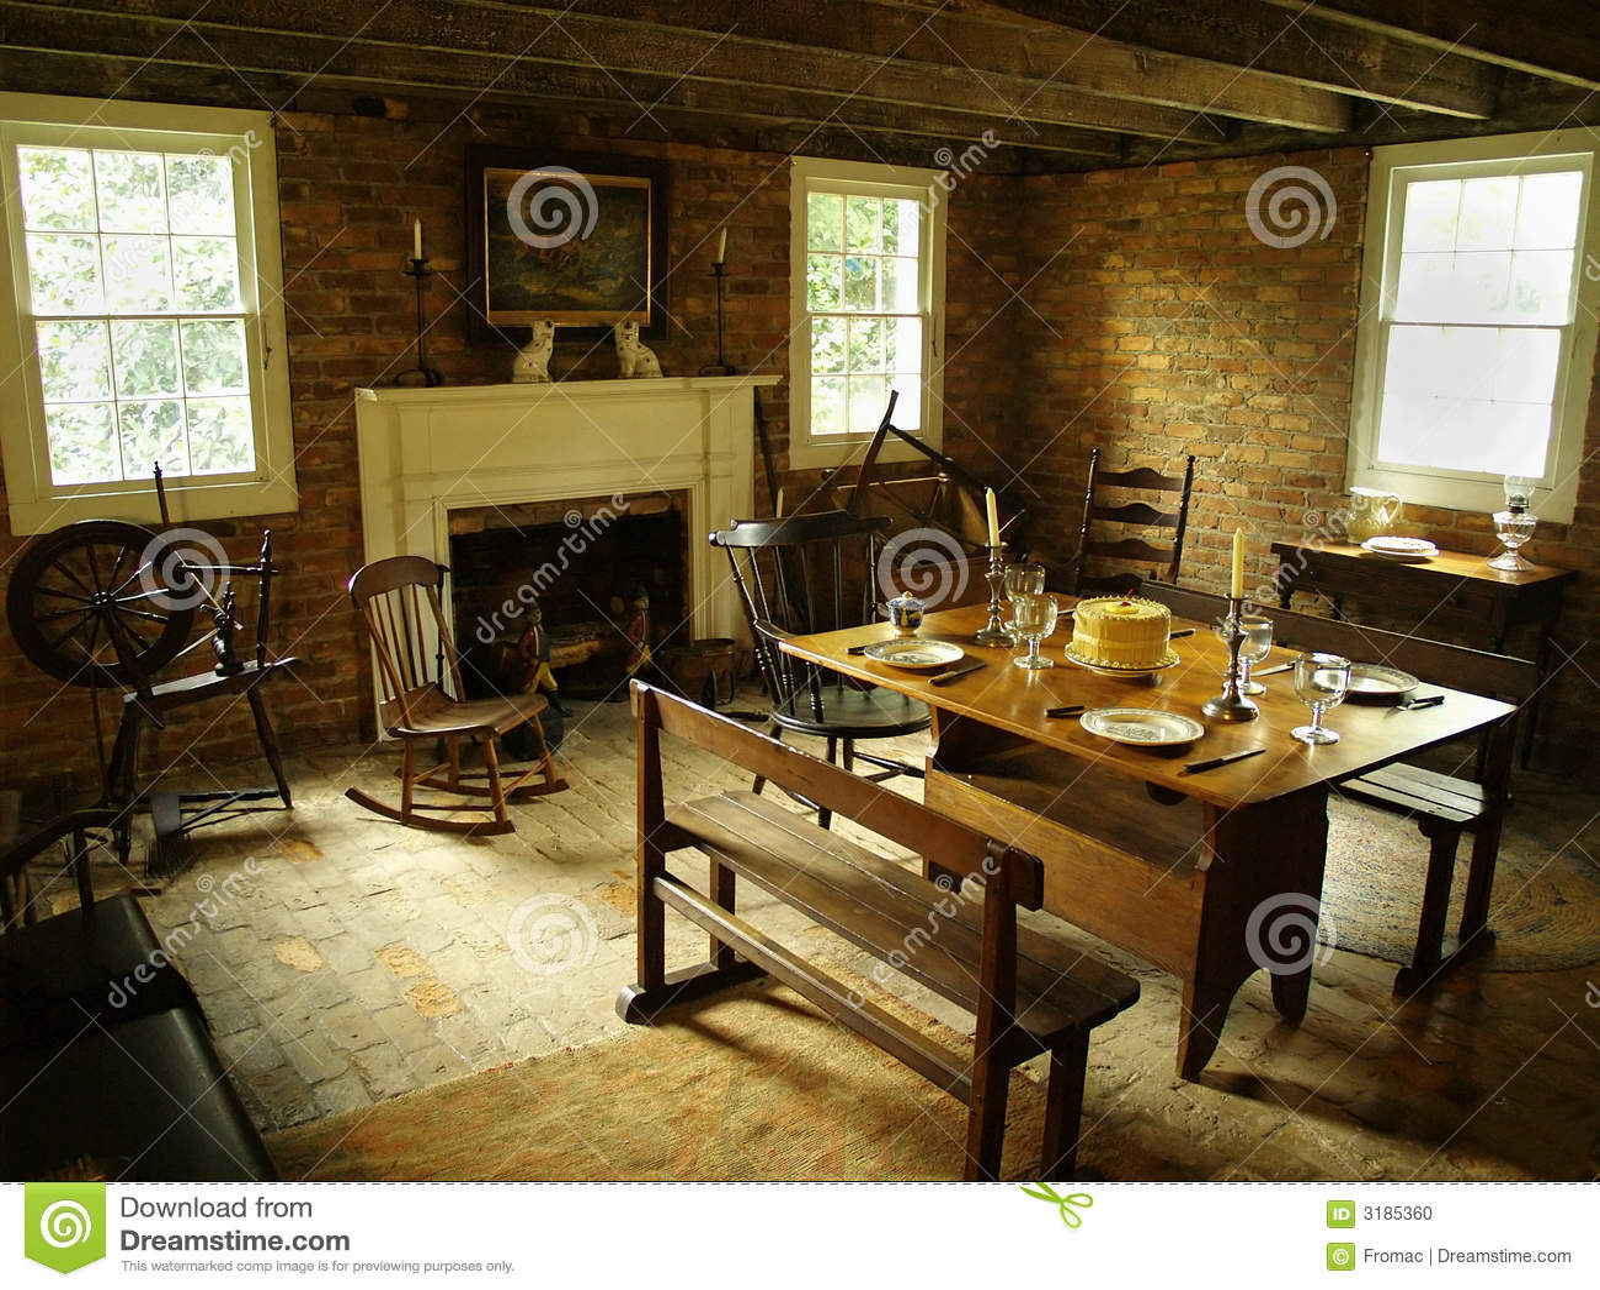 Comedor antiguo foto de archivo. Imagen de herencia, silla - 3185360